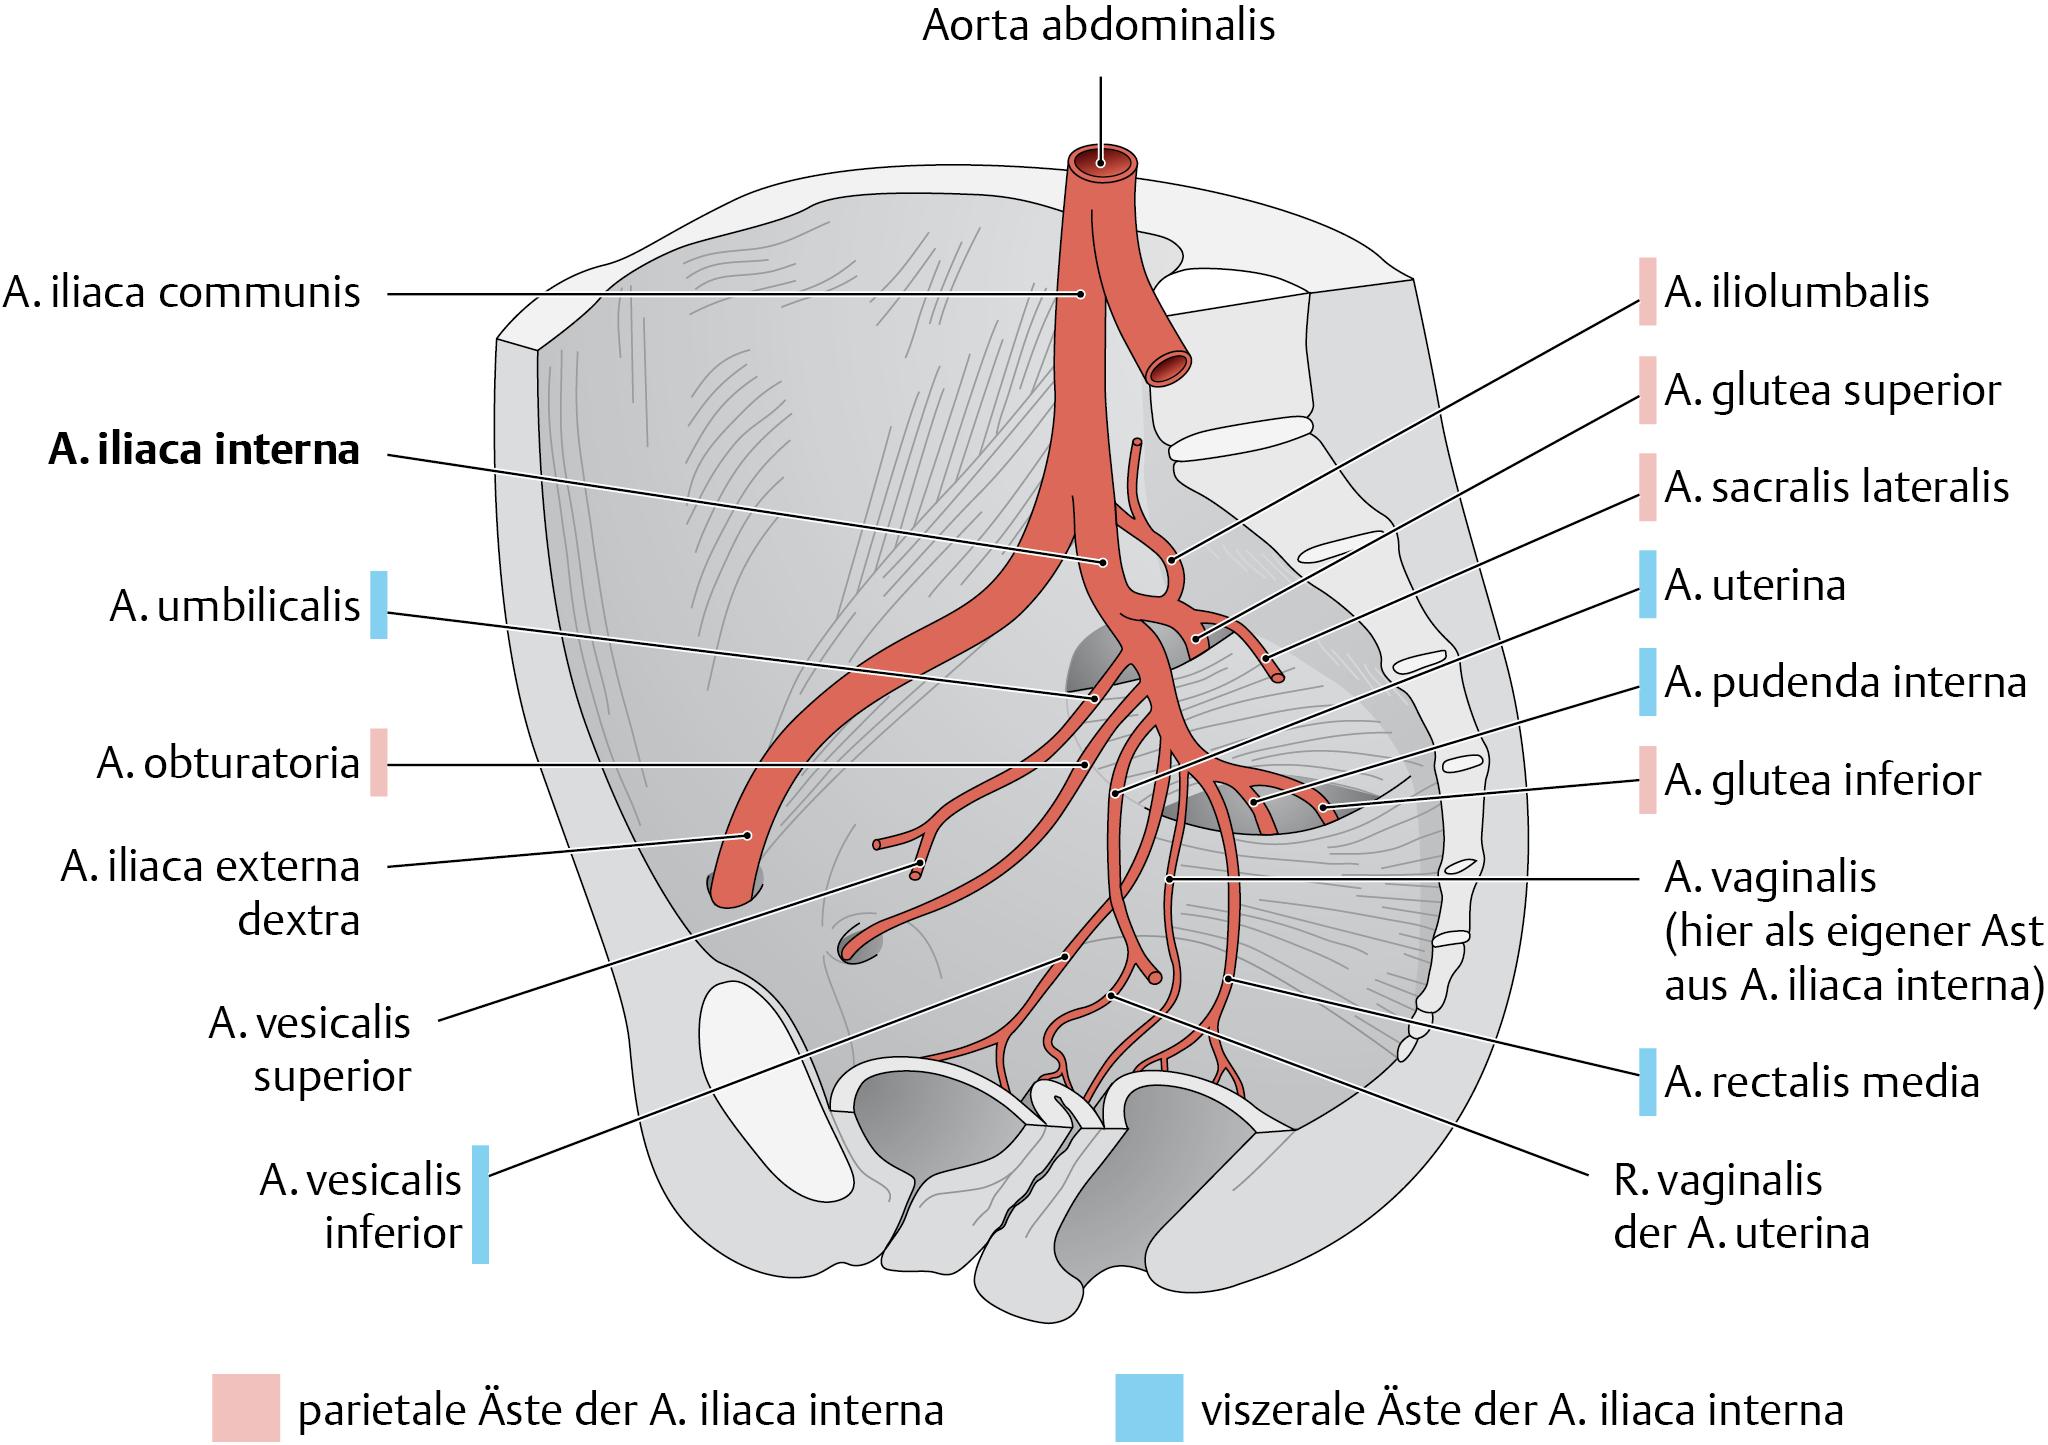 Arteria iliaca communis - via medici | cardiovascular system | Pinterest